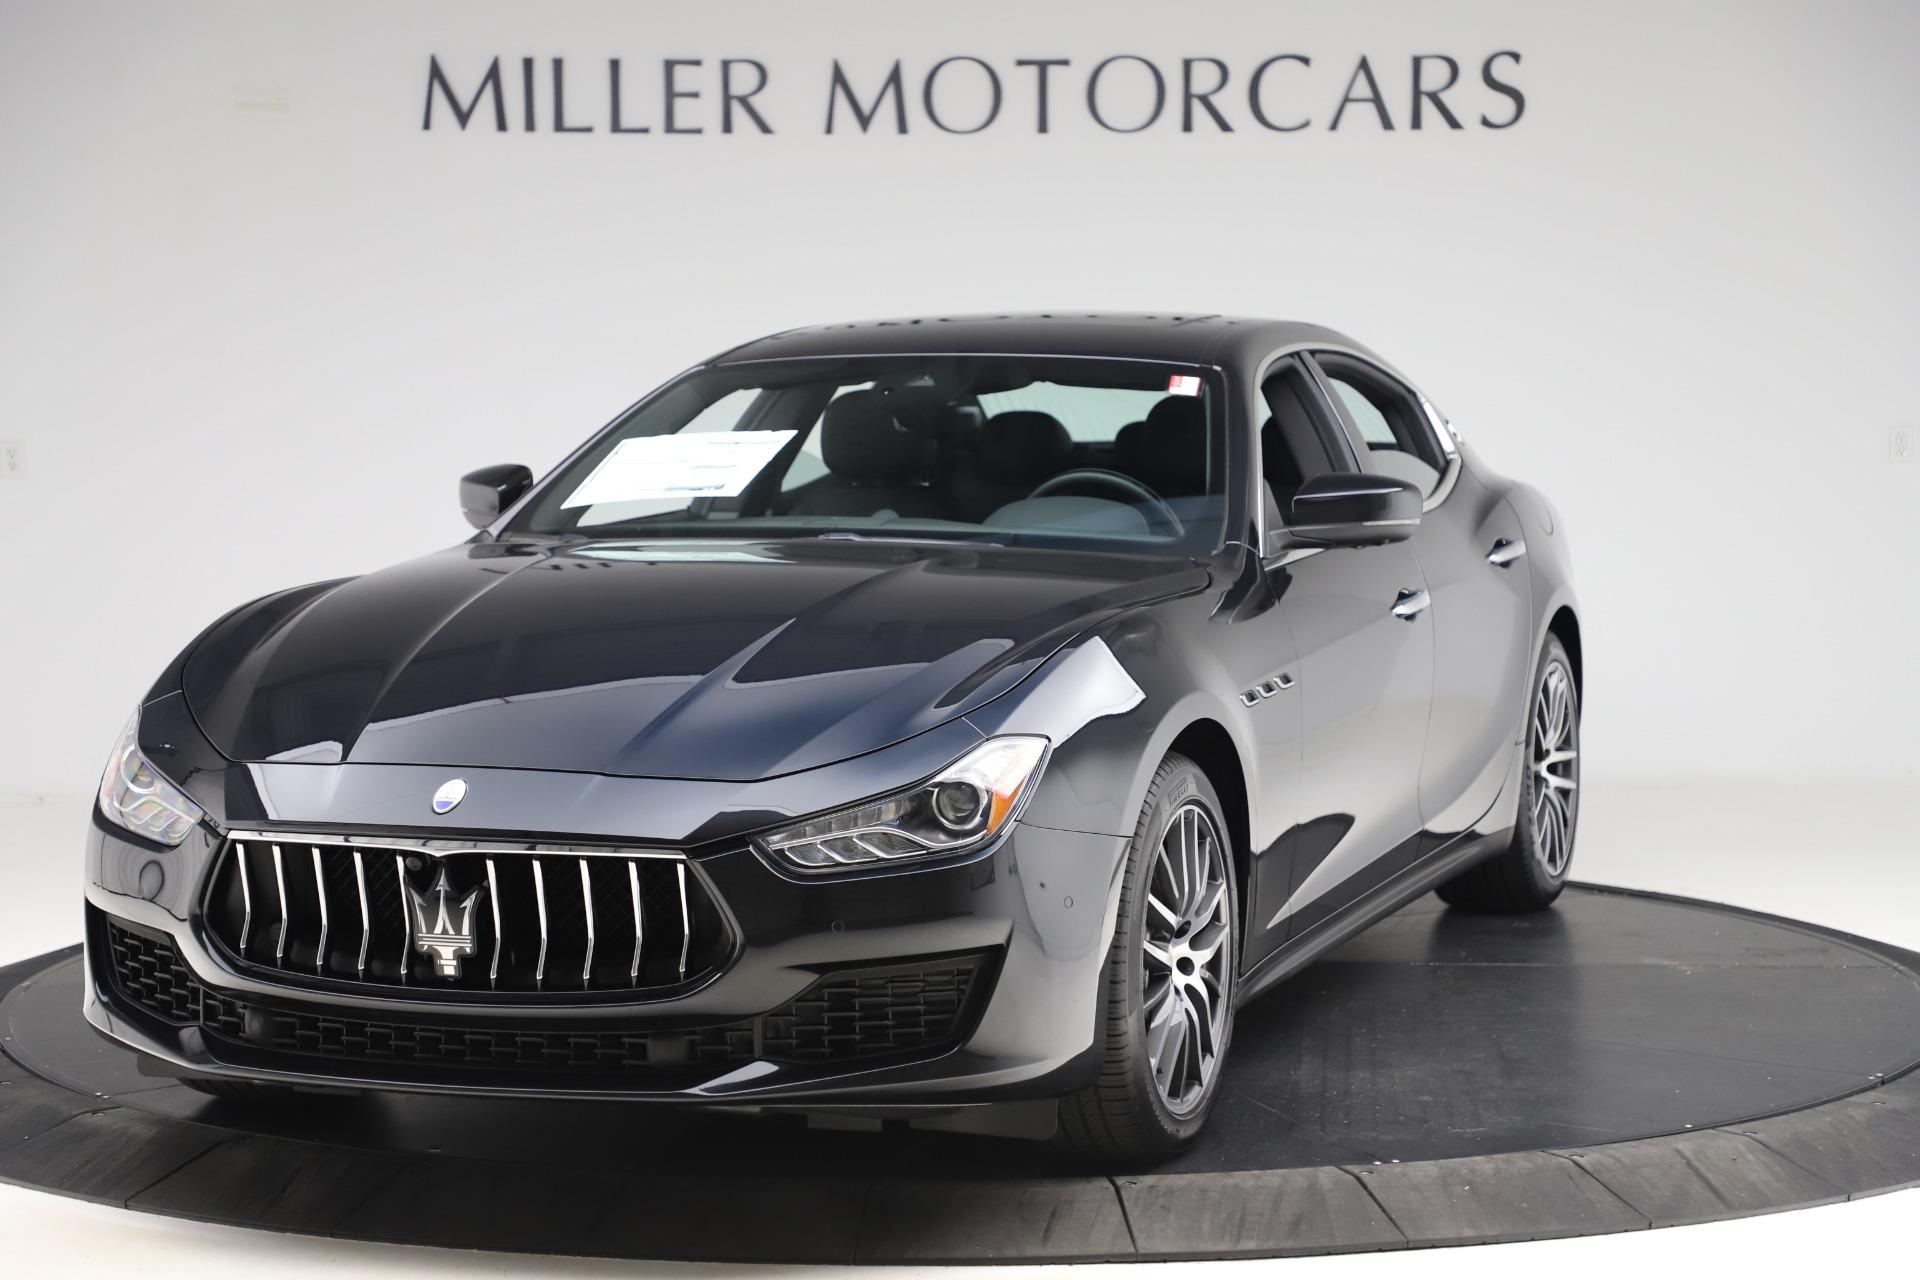 New 2019 Maserati Ghibli S Q4 for sale $91,165 at Maserati of Westport in Westport CT 06880 1